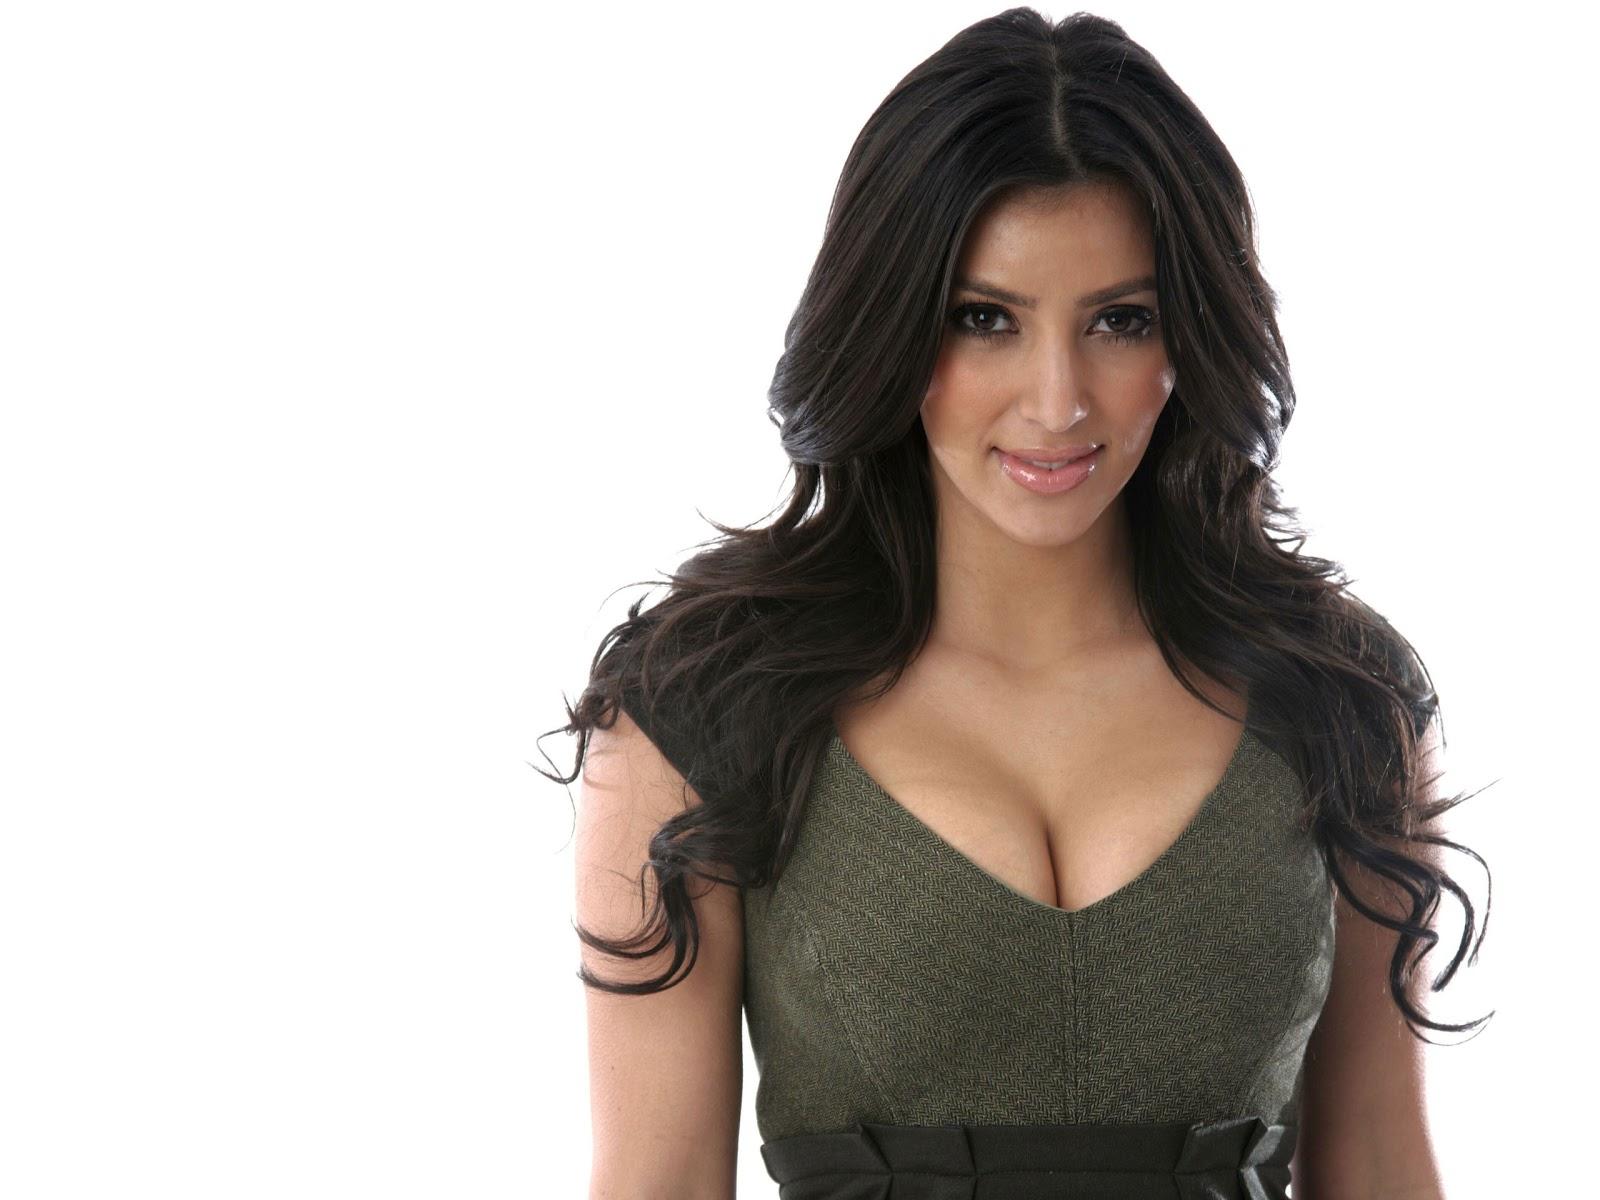 All Hollywood Stars Kim Kardashian New HD Wallpaper 2012 2013 1600x1200